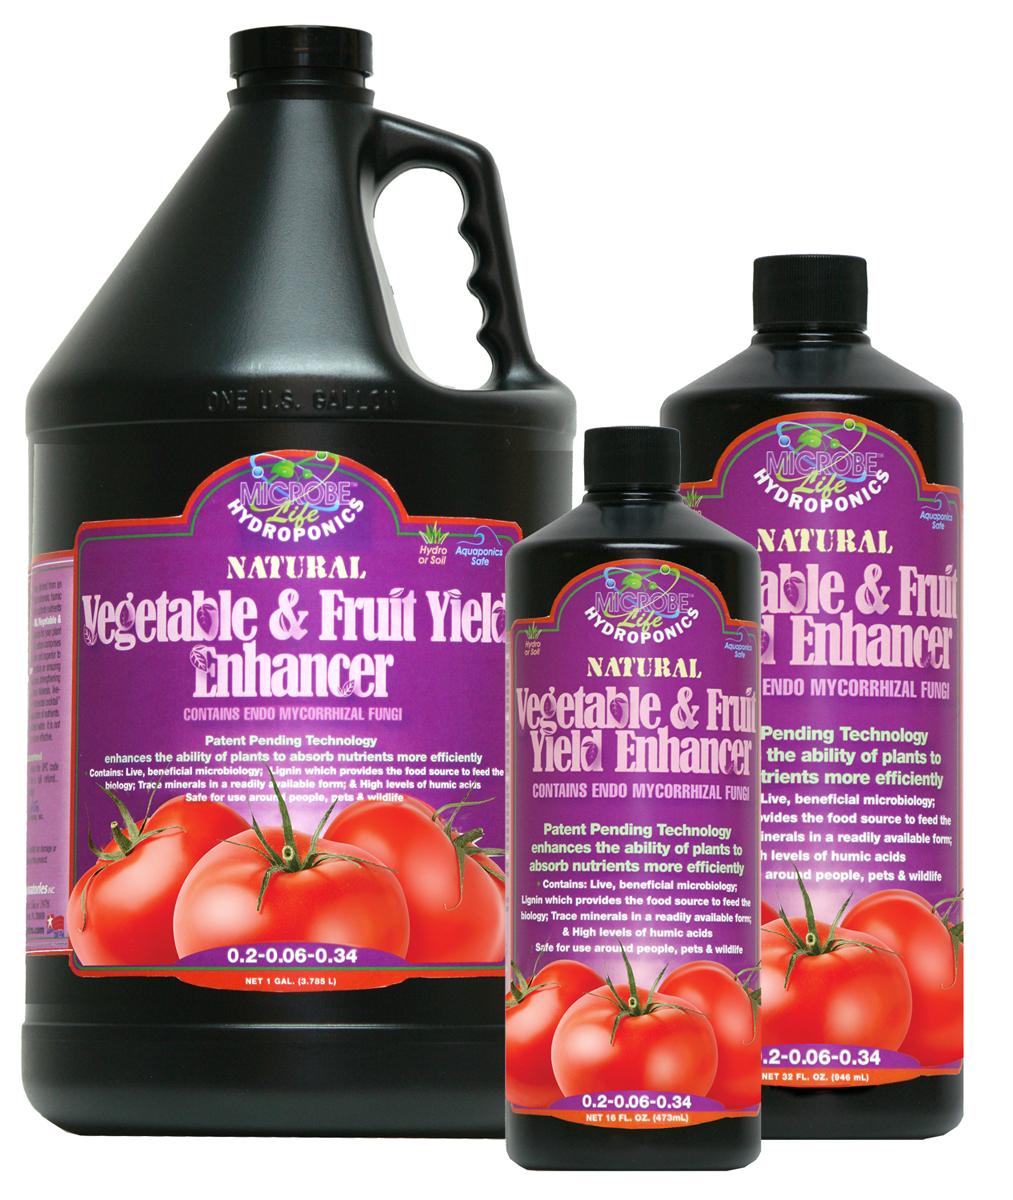 Vegetable & Fruit Yield Enhancer 2.5 Gallon